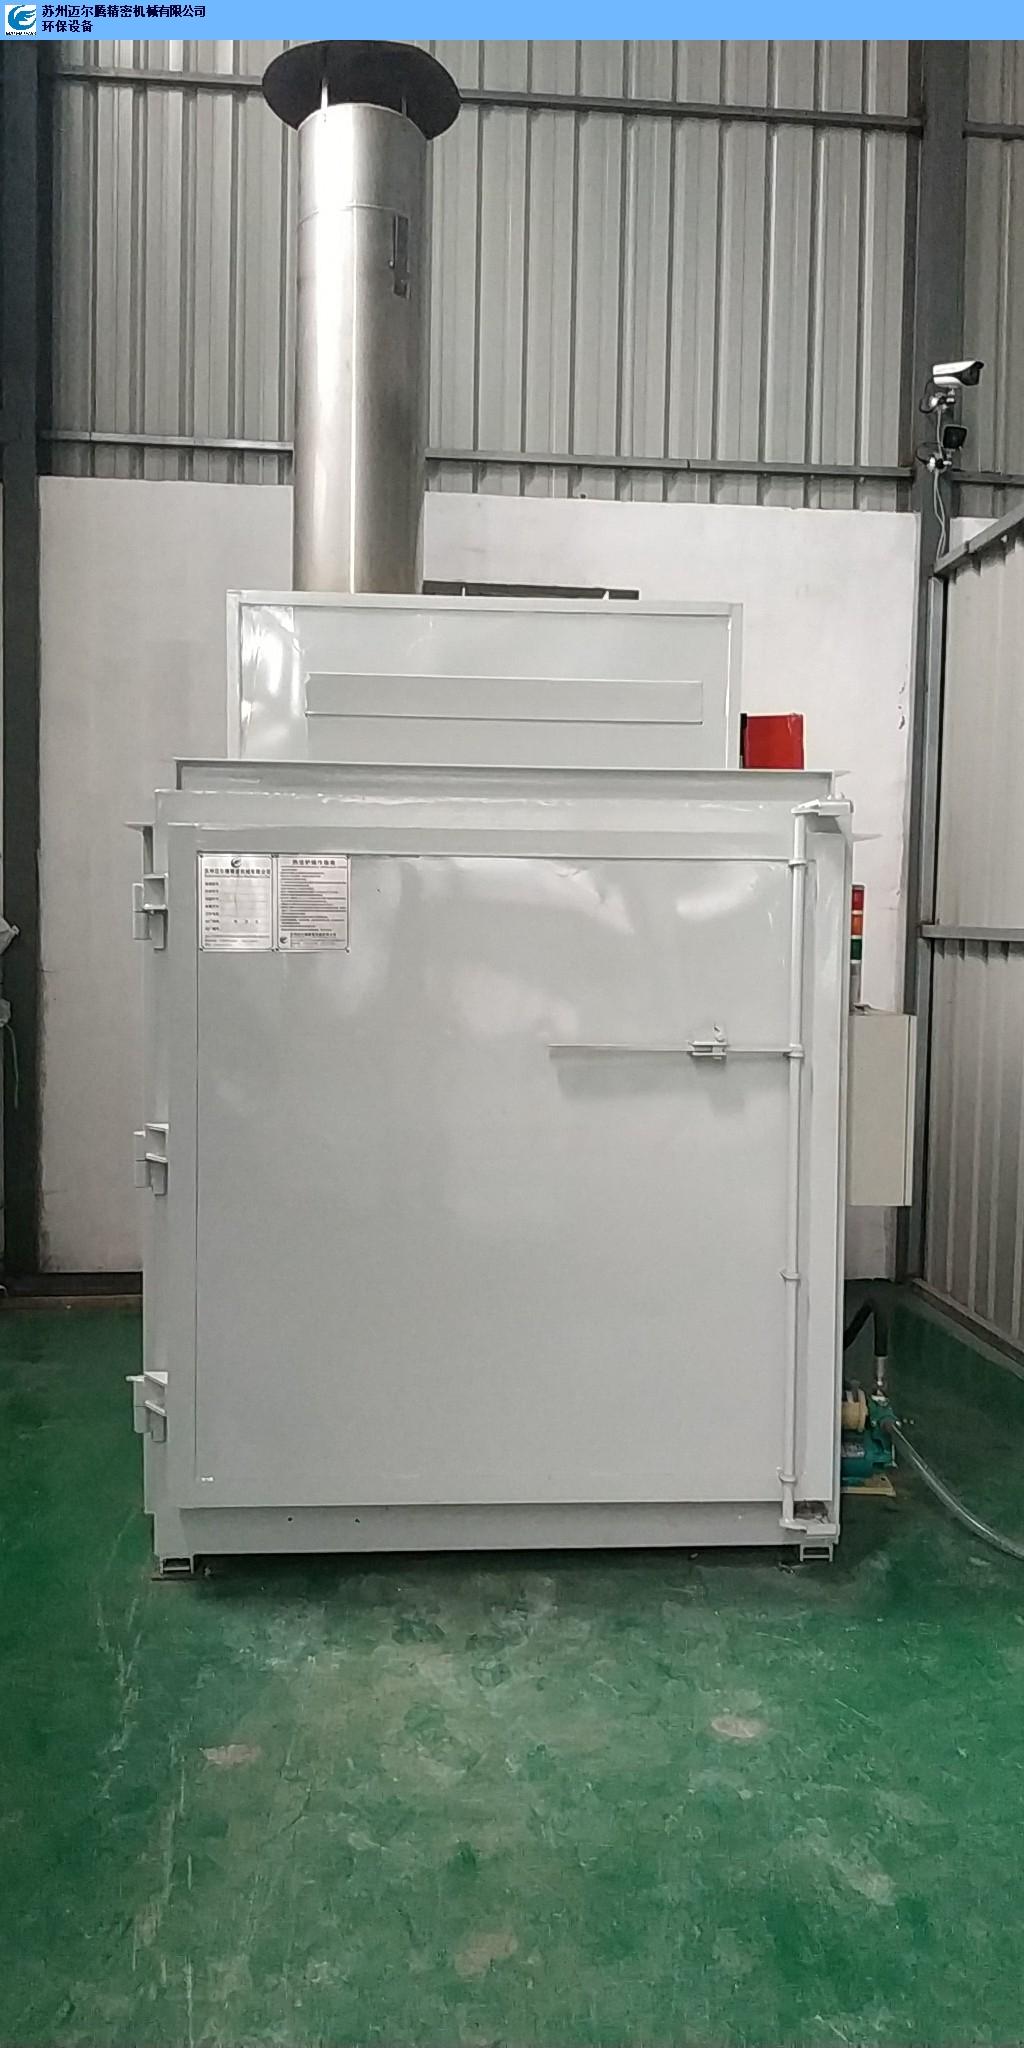 上海脱塑炉需要多少钱 服务至上 苏州迈尔腾精密机械供应